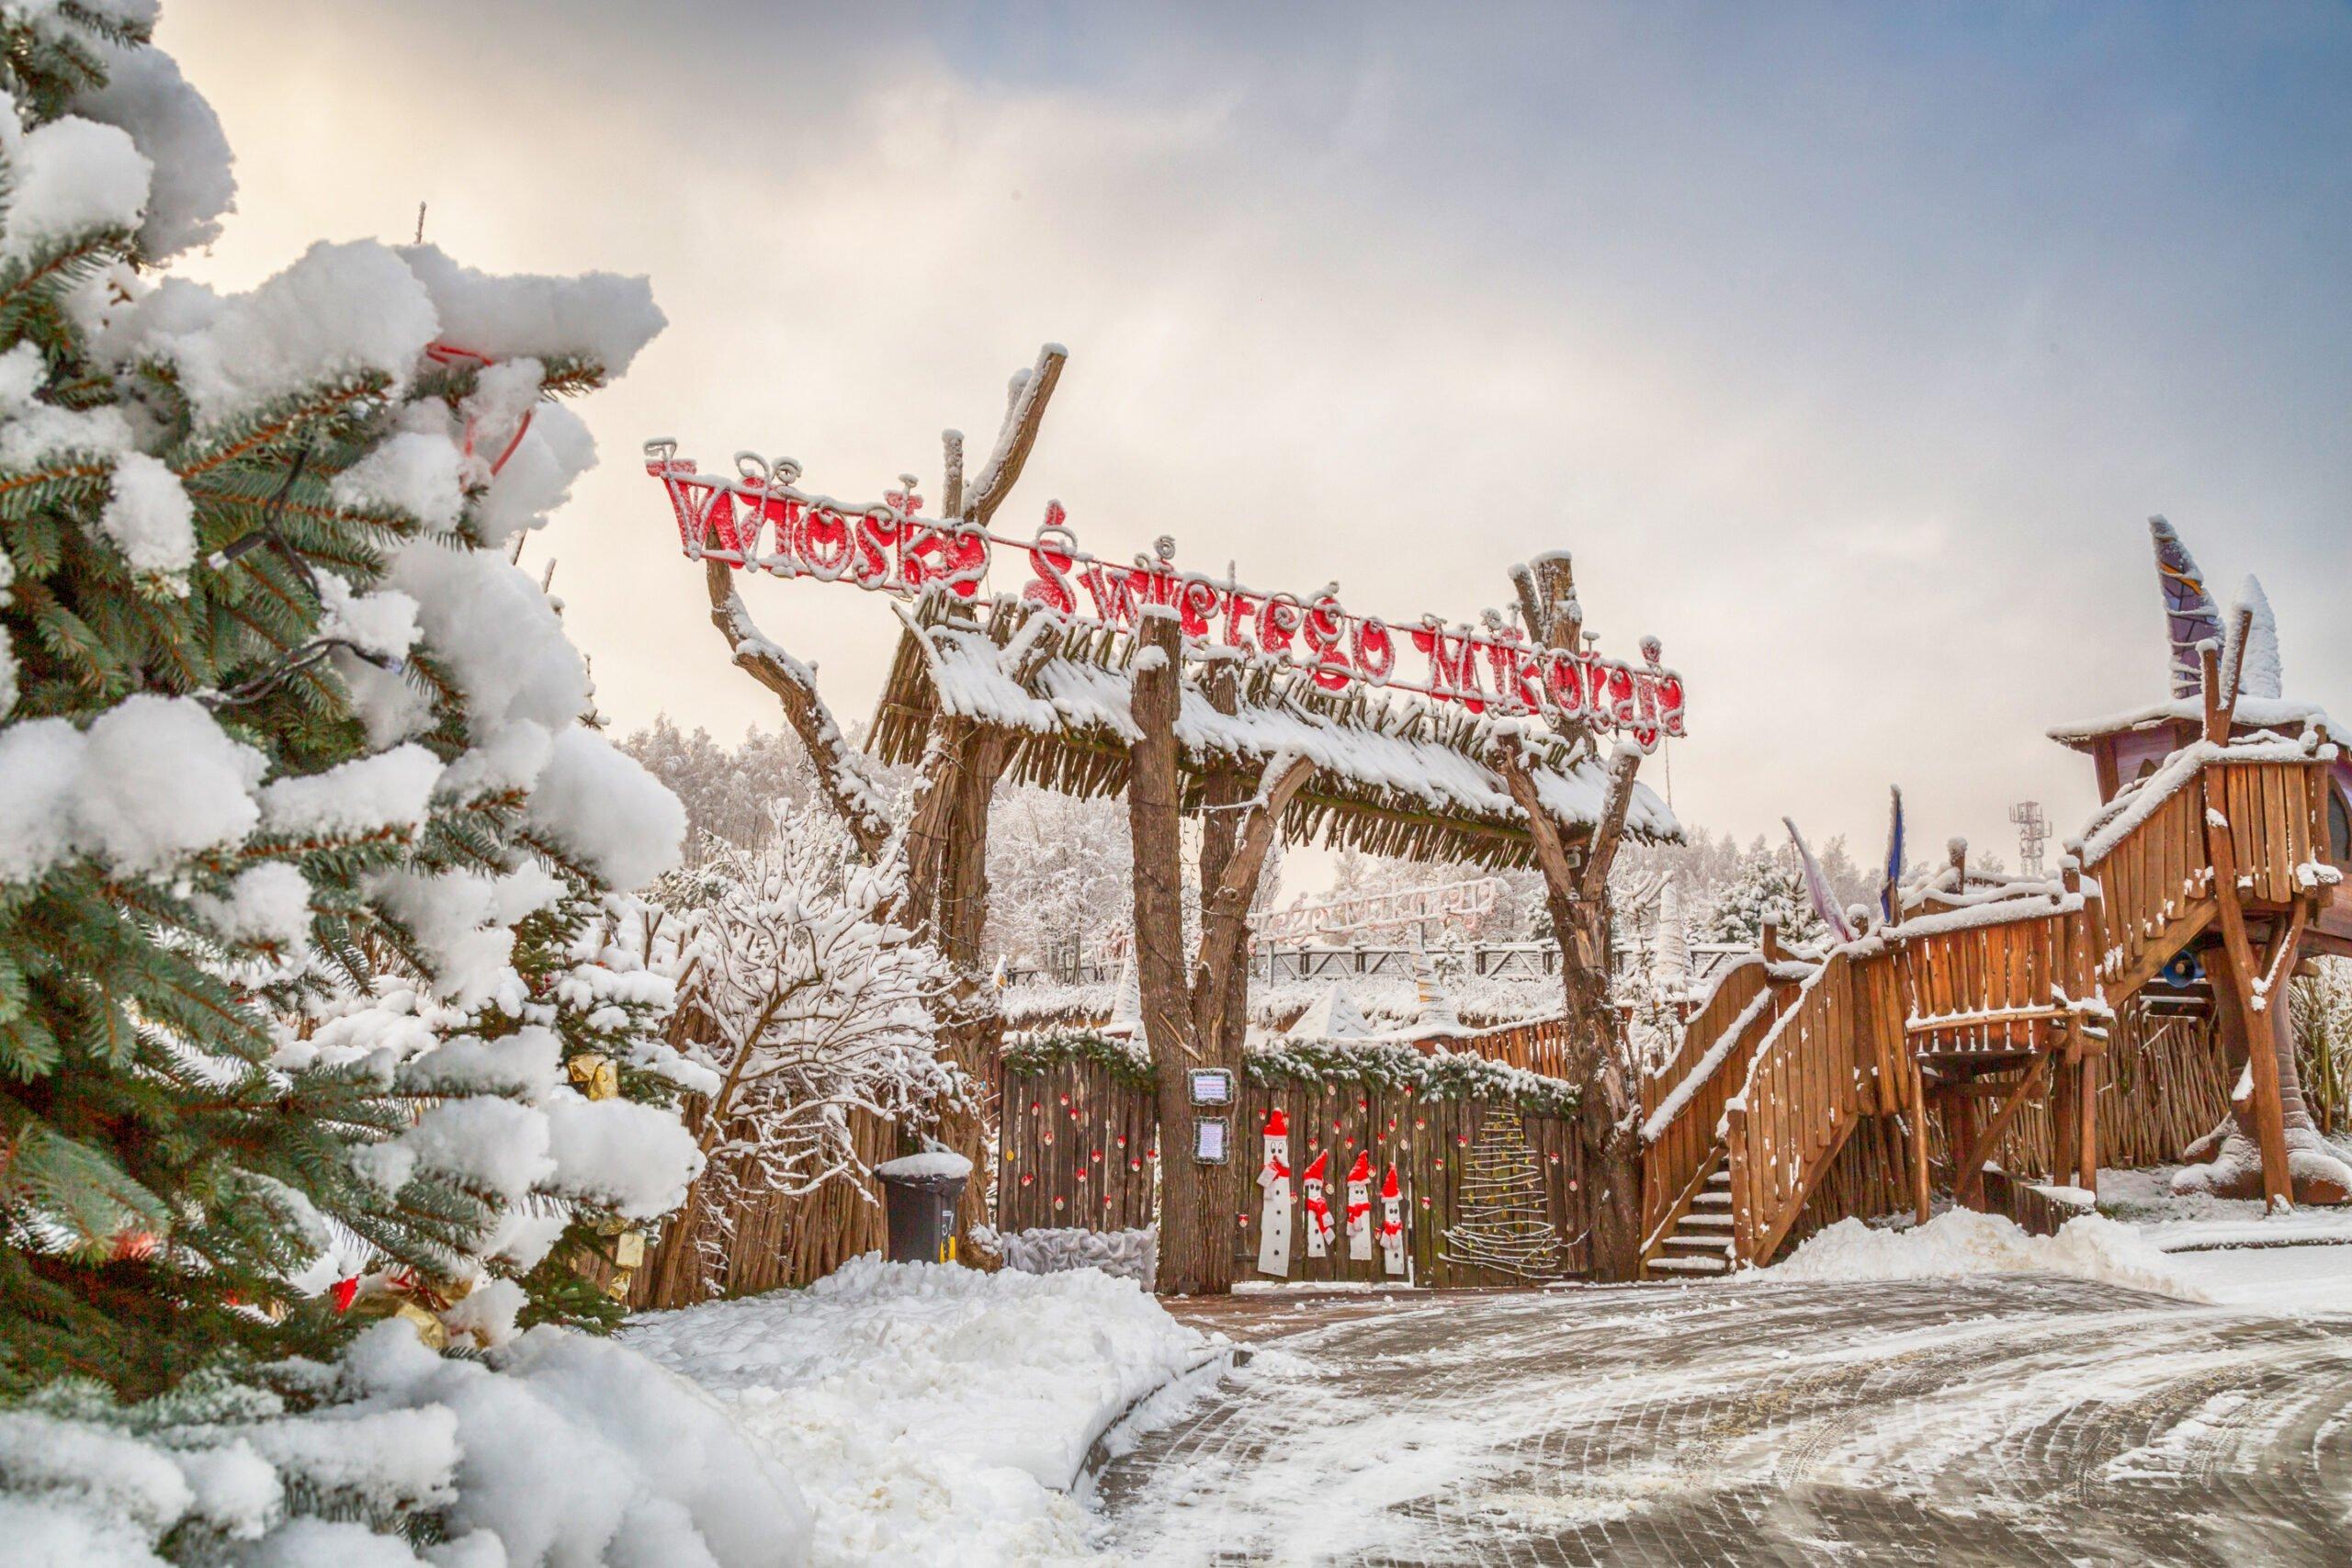 Wioska Swietego Mikolaja w Baltowie (2)